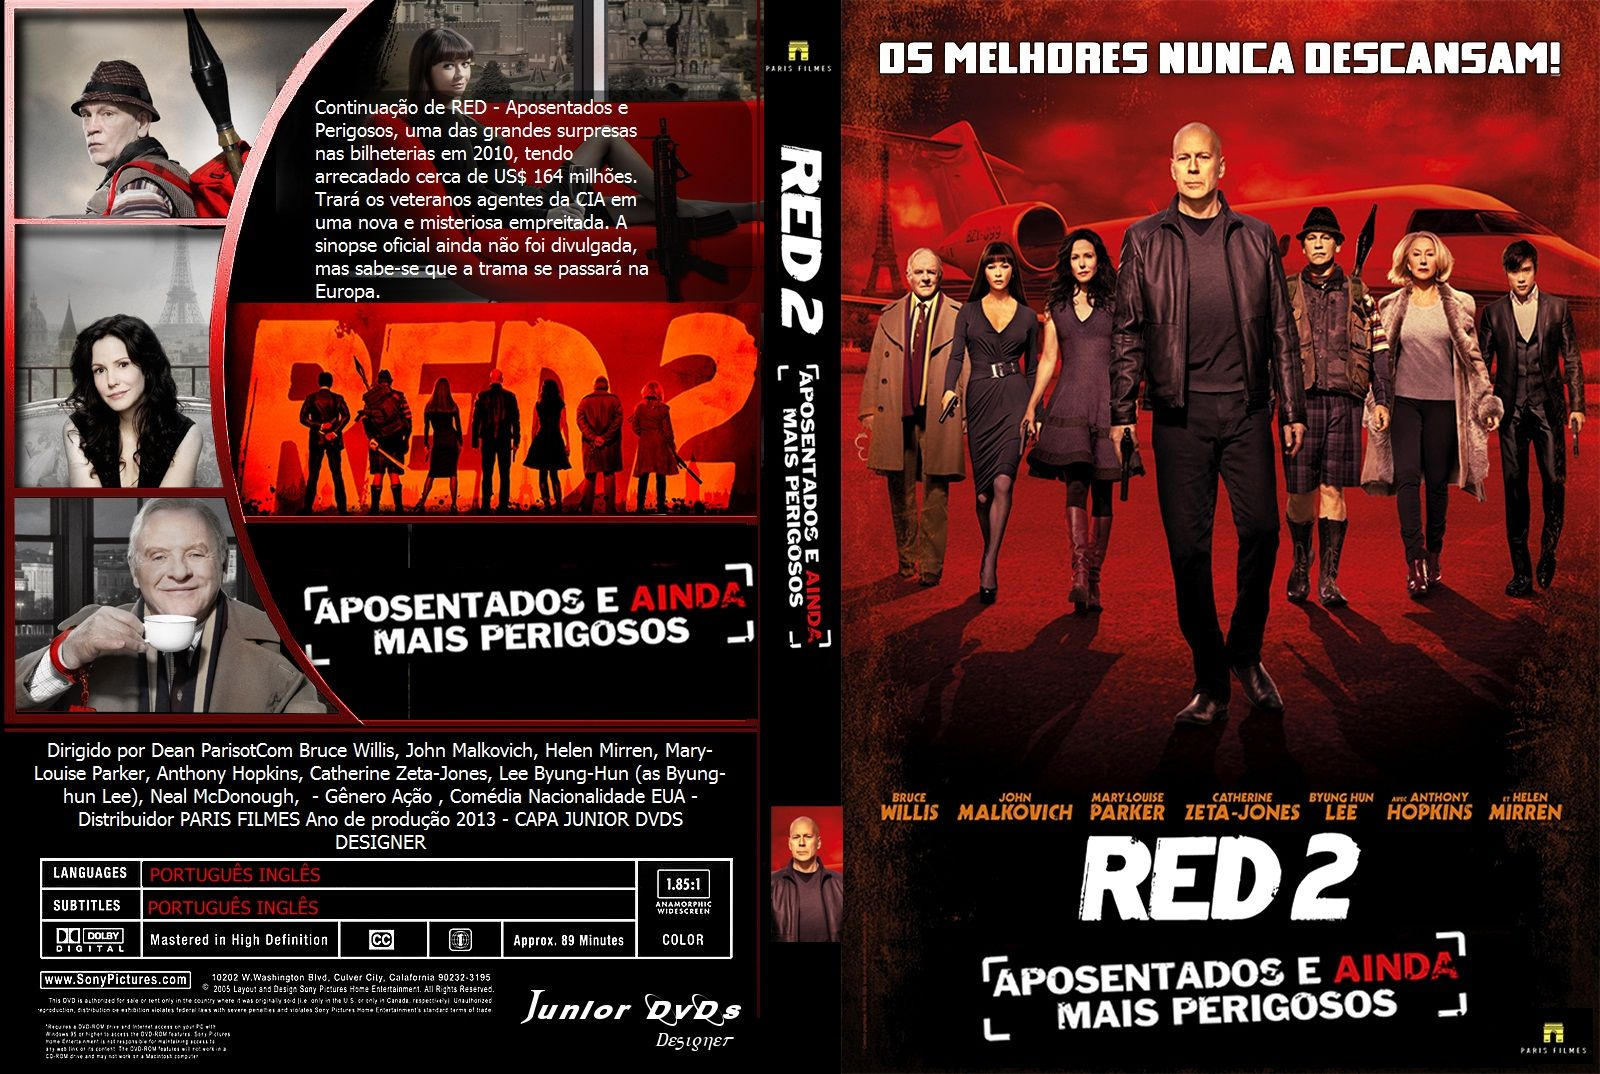 Red 2 Ts Xvid Dublado Com Imagens Baixar Filmes Filmes Bruce